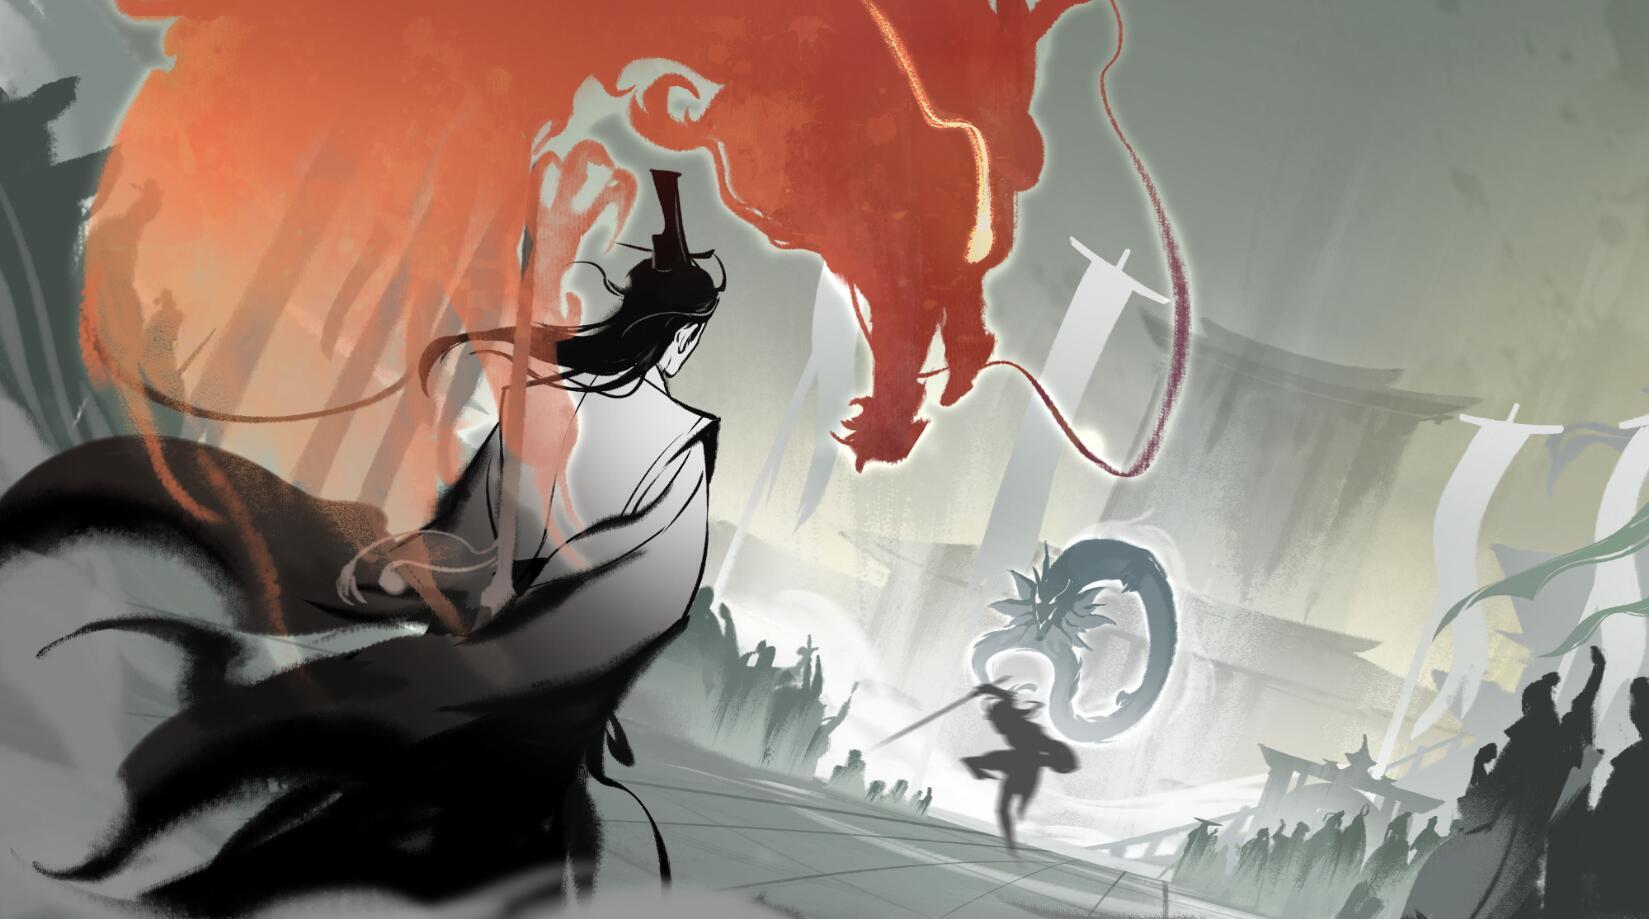 梦入神机等六大作家推荐,《一念逍遥》手游如何还原修仙小说体验?